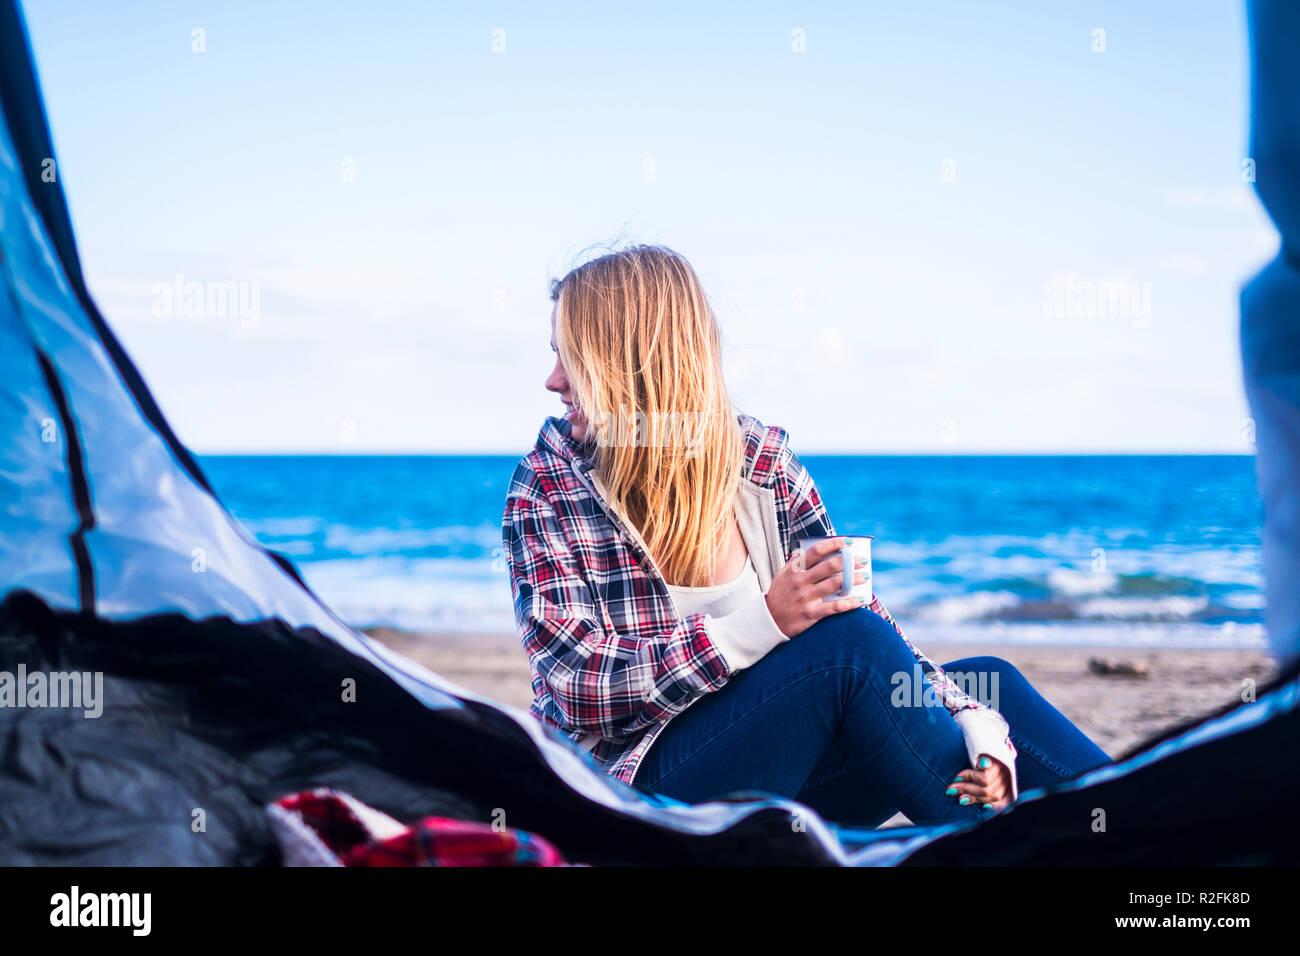 D'autres modes de vie et de vacances concept pour la fille blonde s'asseoir à la recherche à l'océan sur la porte de sa tente. Tenerife locetion. Photo Stock